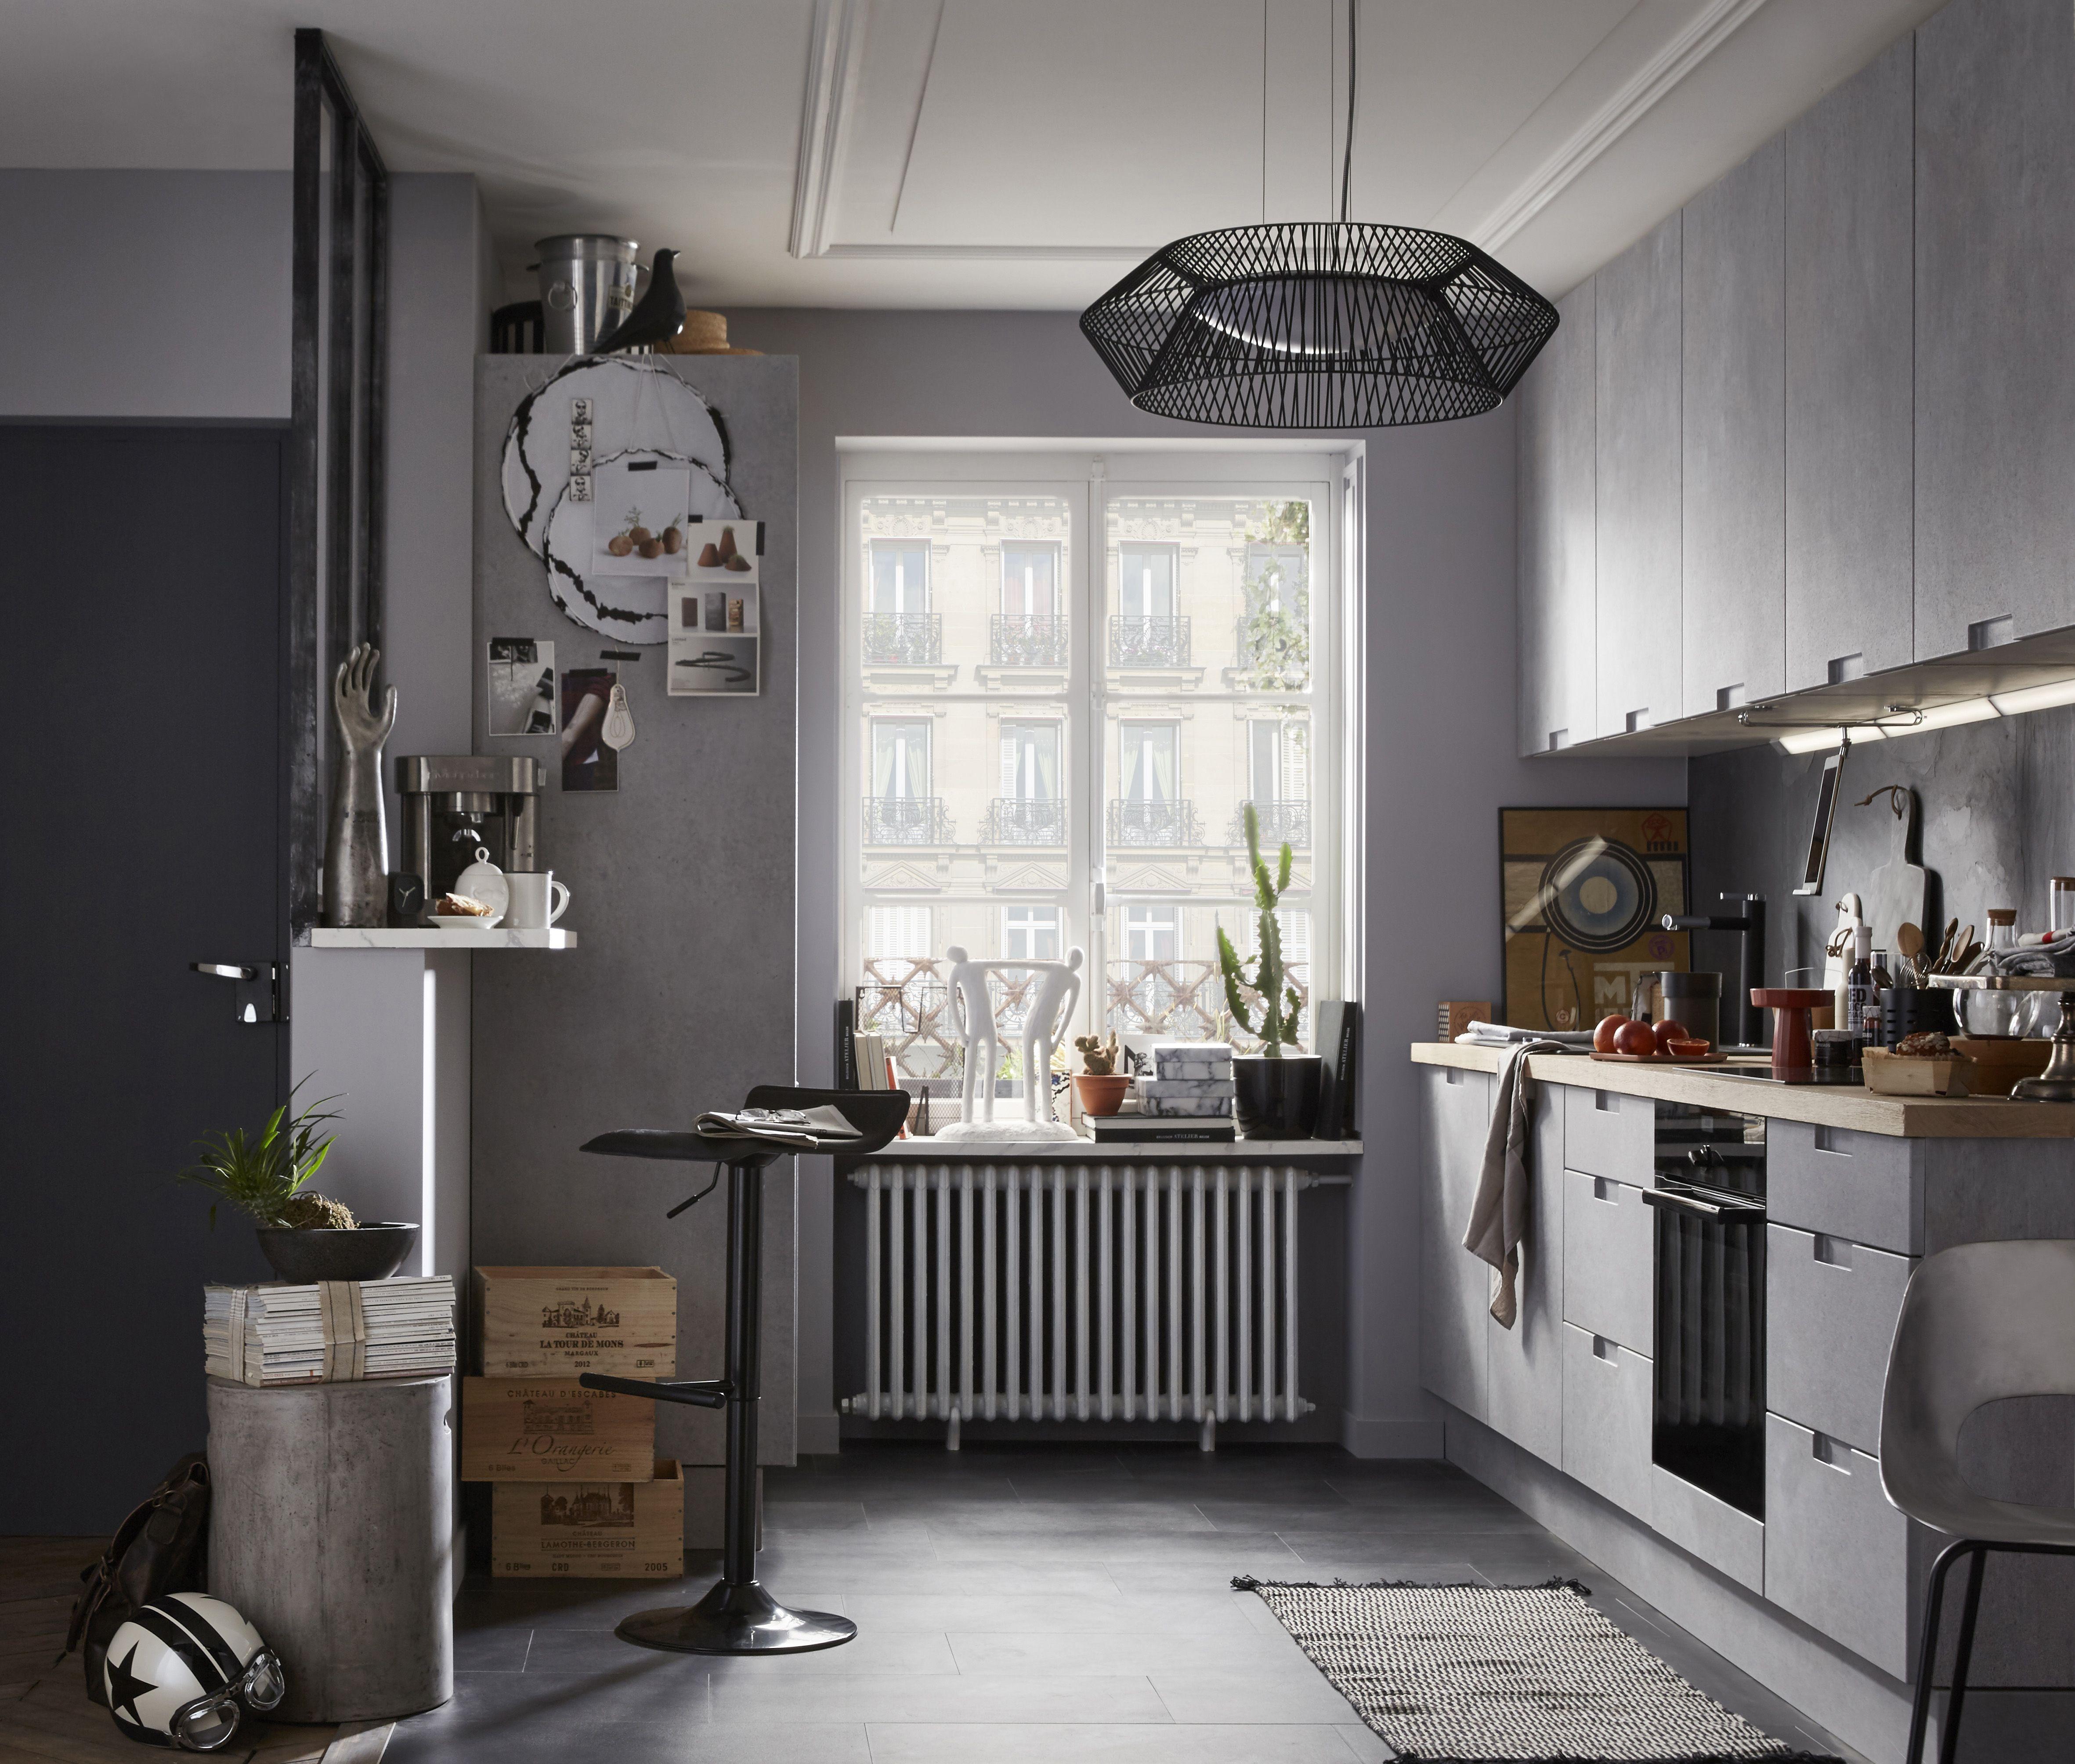 Cuisine moderne effet beton gris: equipée modèle Delinia Berlin ...